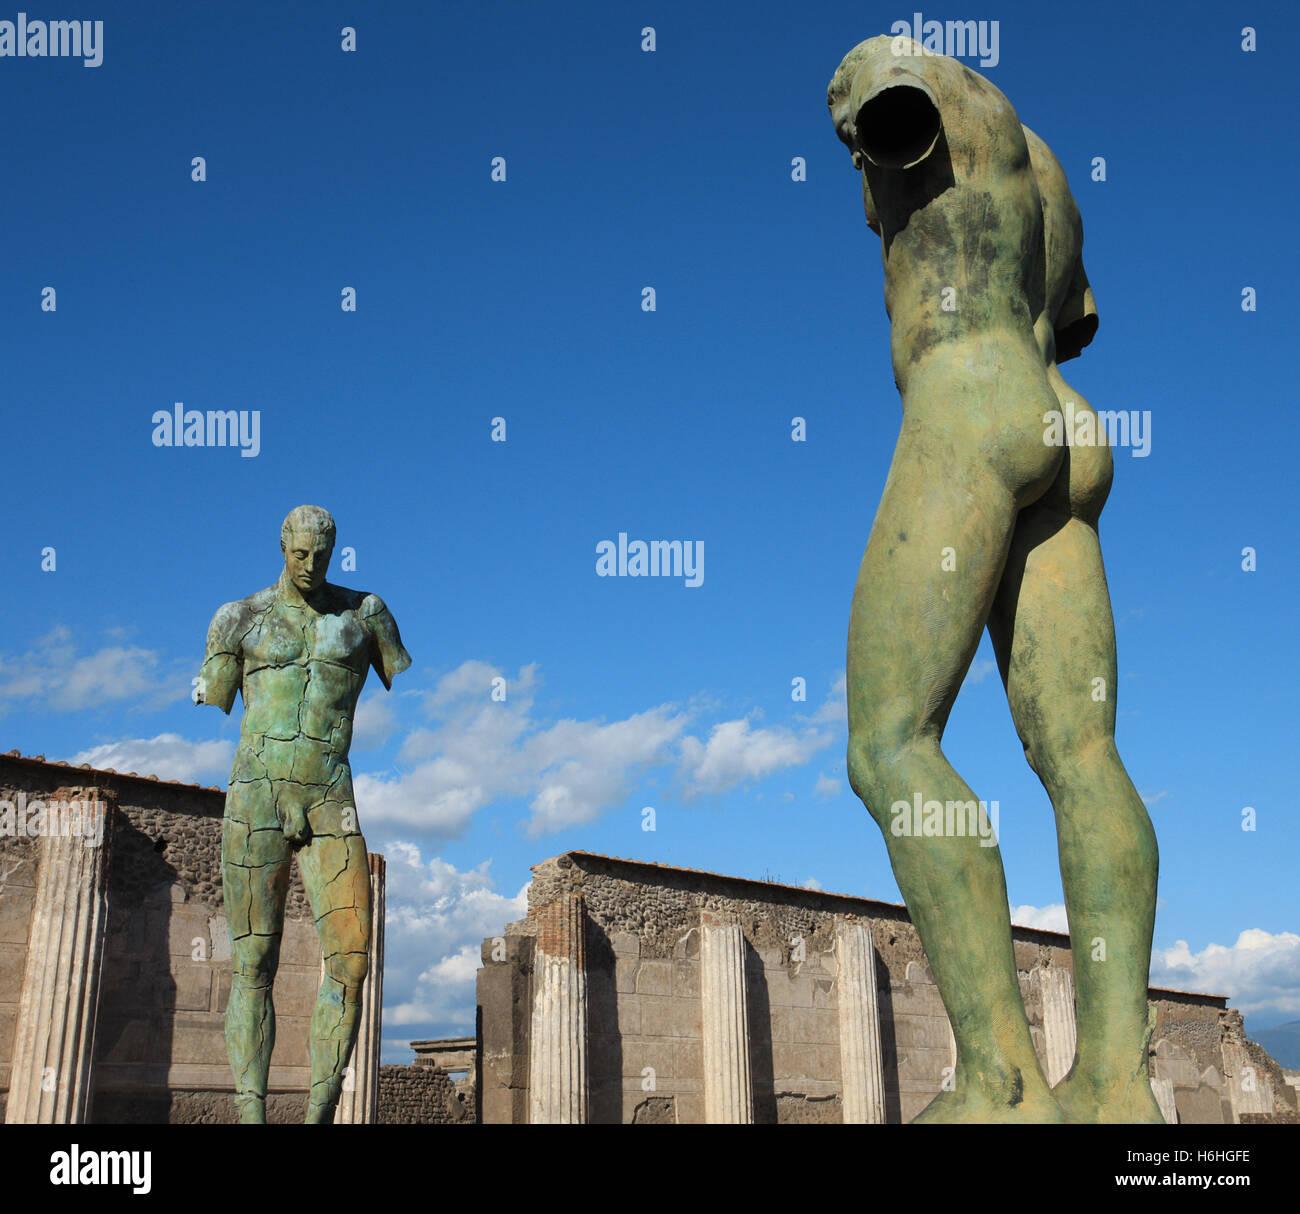 Esculturas modernas por Igor Mitoraj en show en el antiguo sitio de la ciudad de Pompeya, cerca de Nápoles, Imagen De Stock